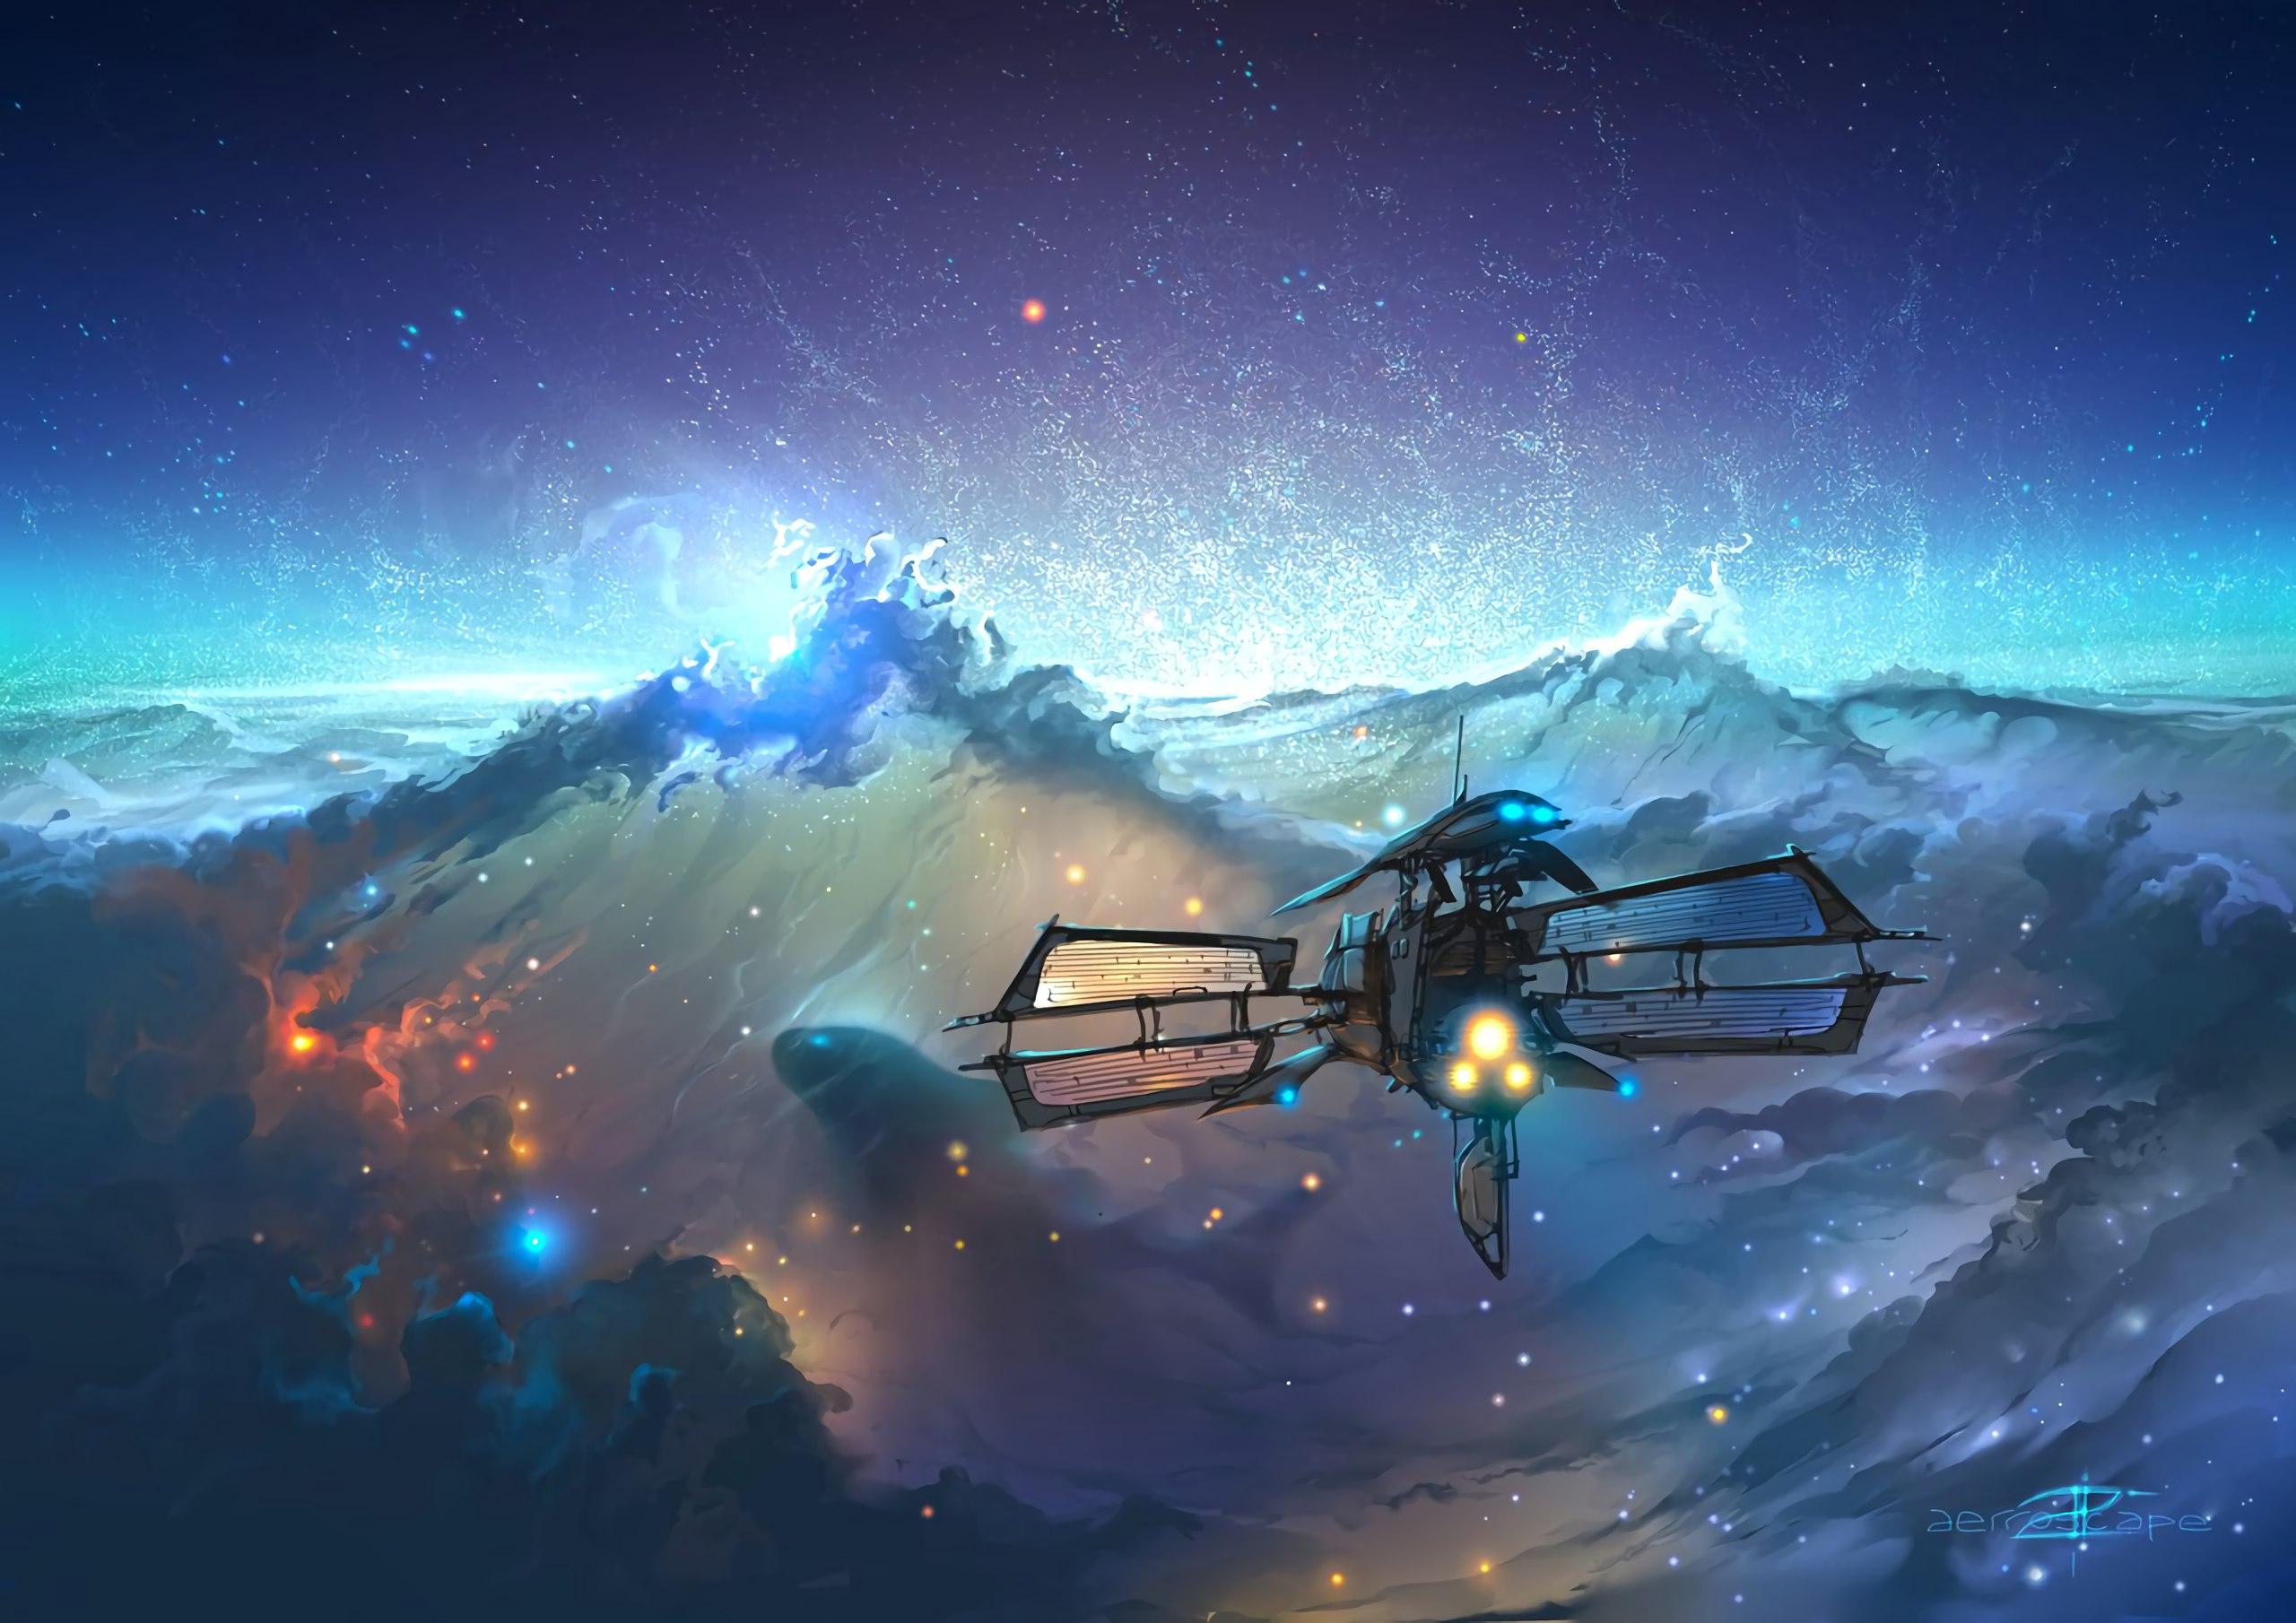 Космическое путешествие Aerroscape